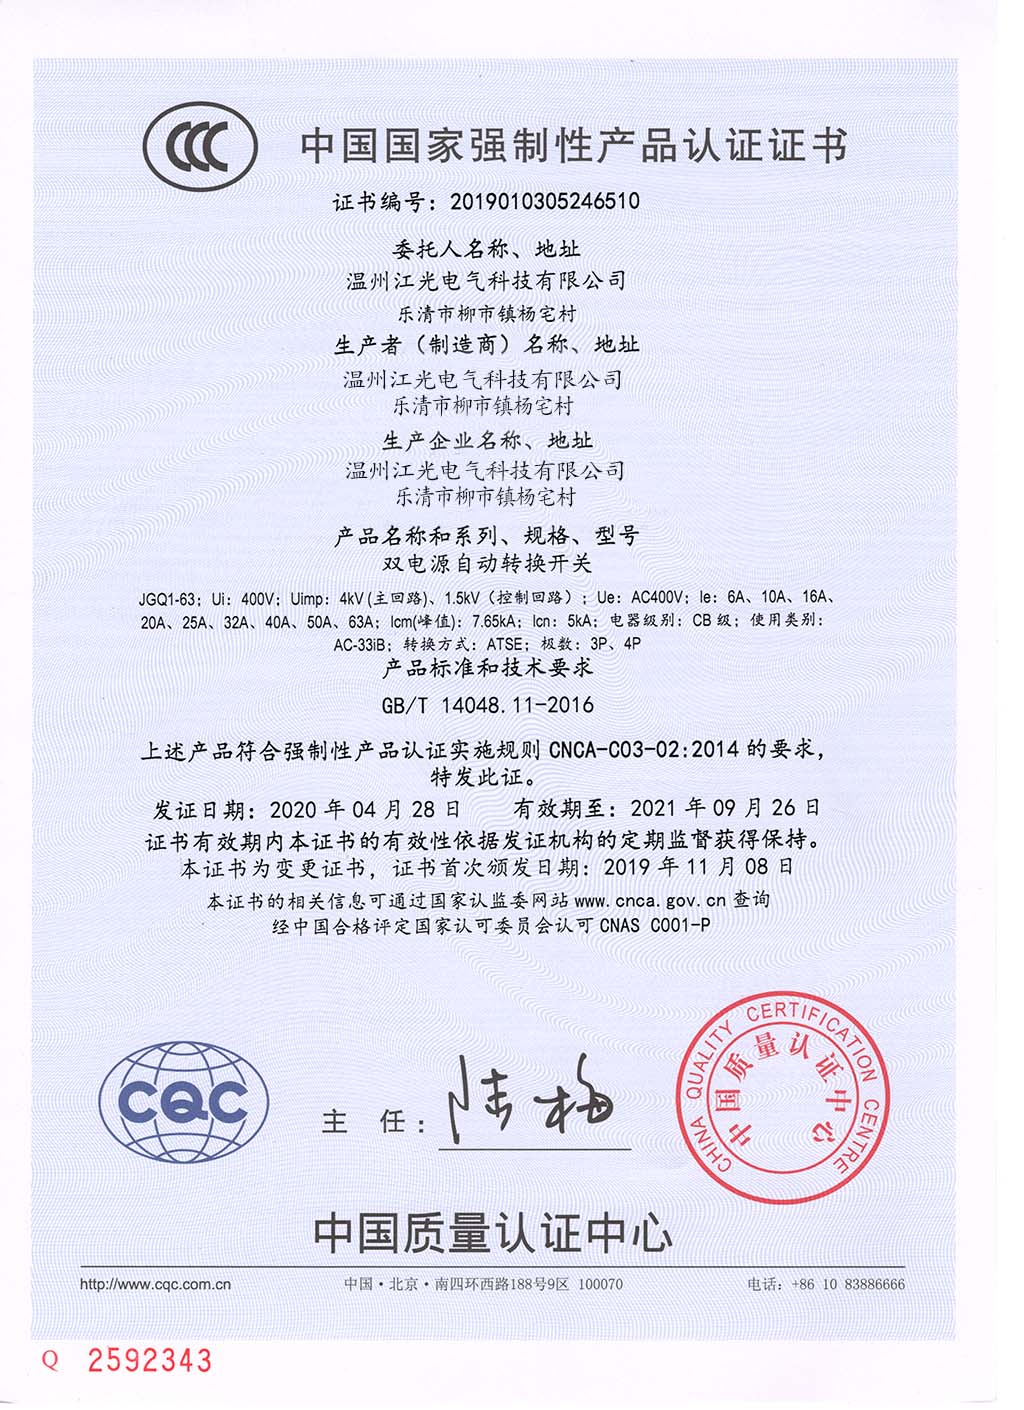 双电源自动转换开关 3C证书 JGQ1-63